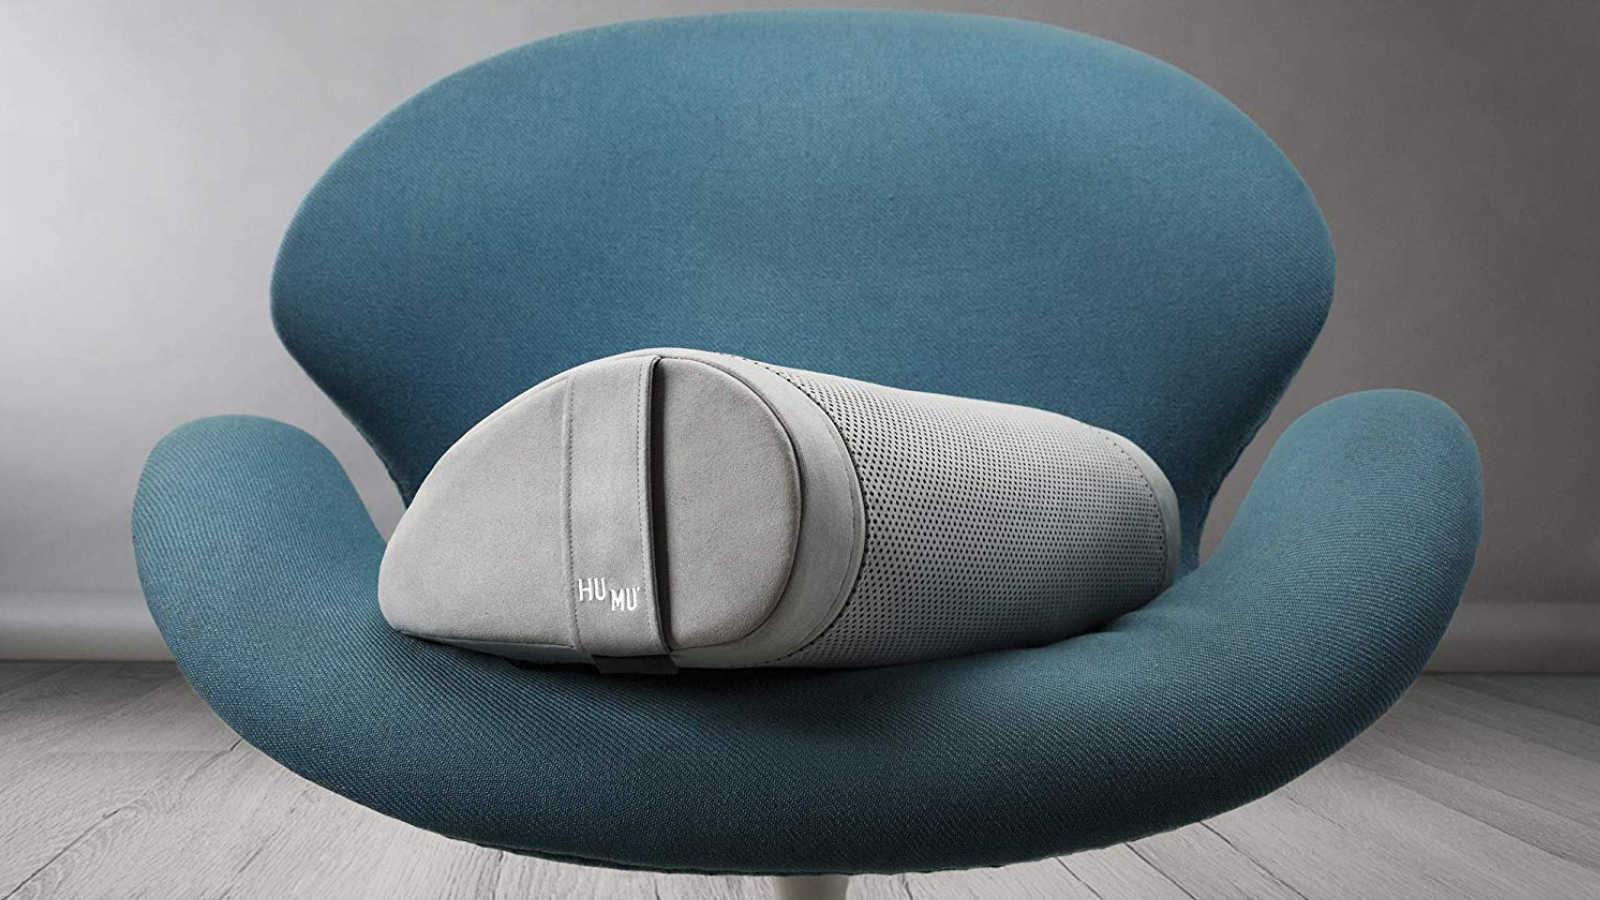 Flexound Humu Augmented Audio Cushion- Testbericht 2019